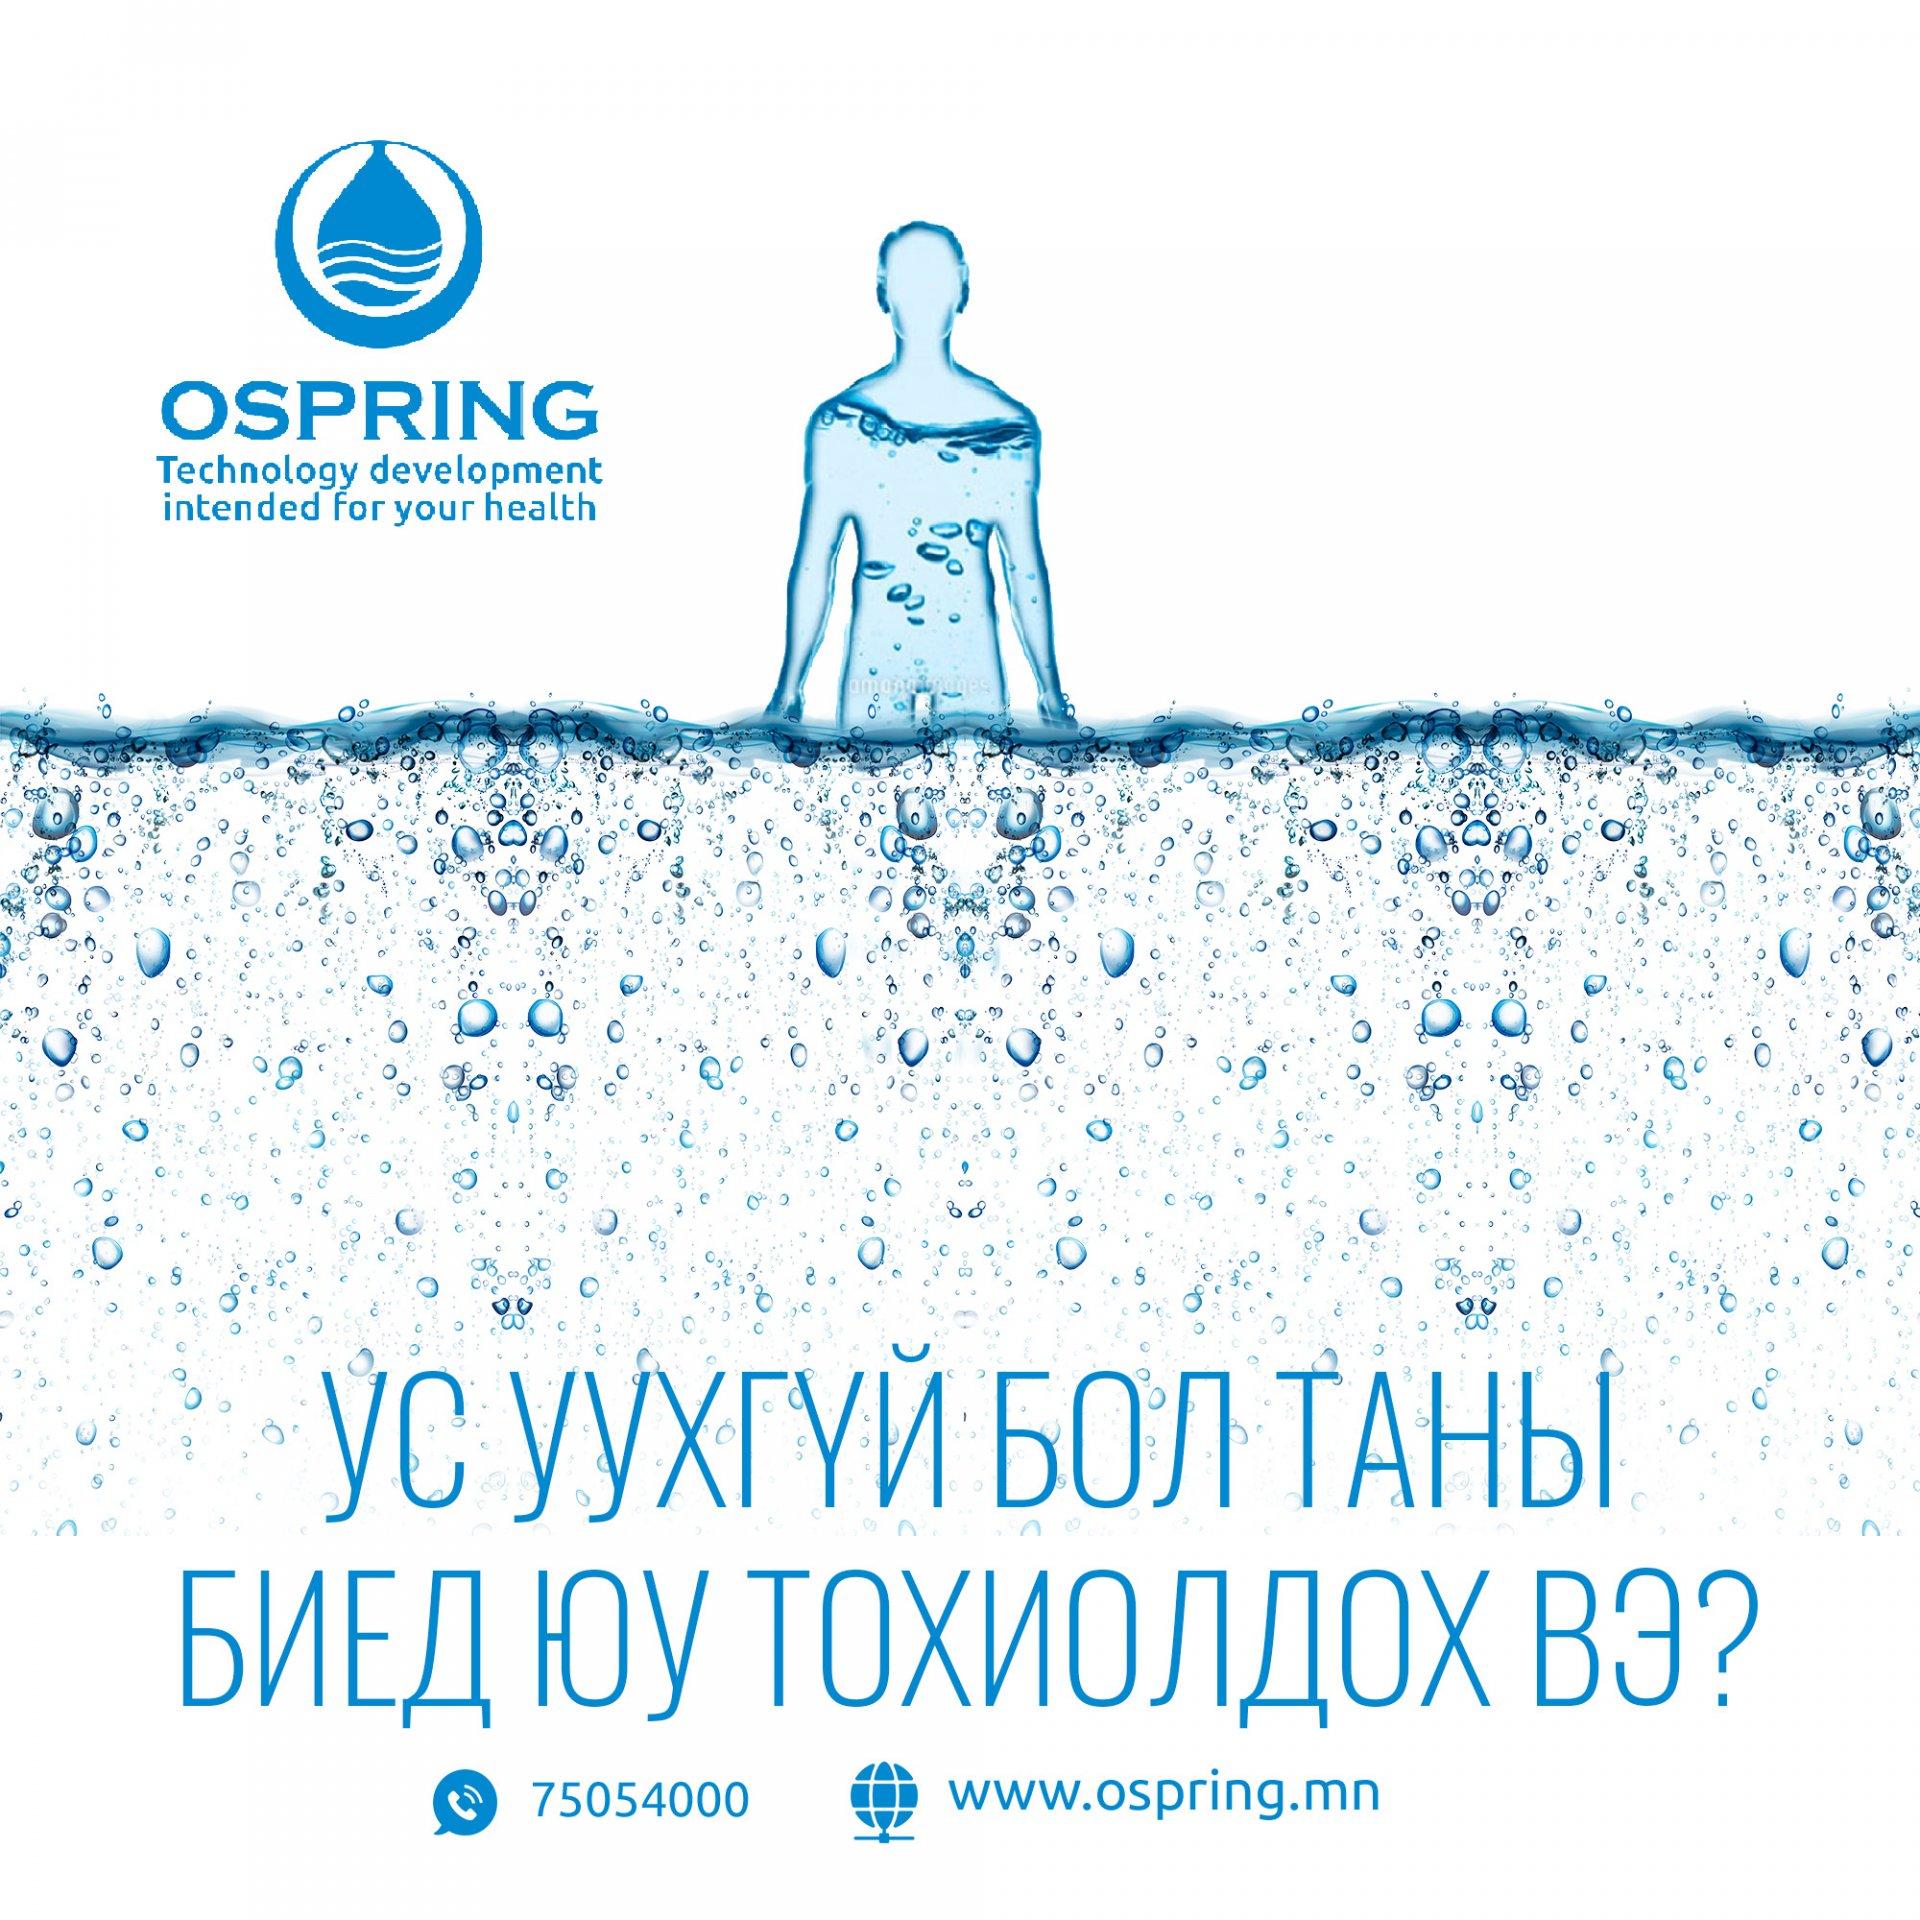 Ус уухгүй бол таны биед юу тохиолдох вэ?